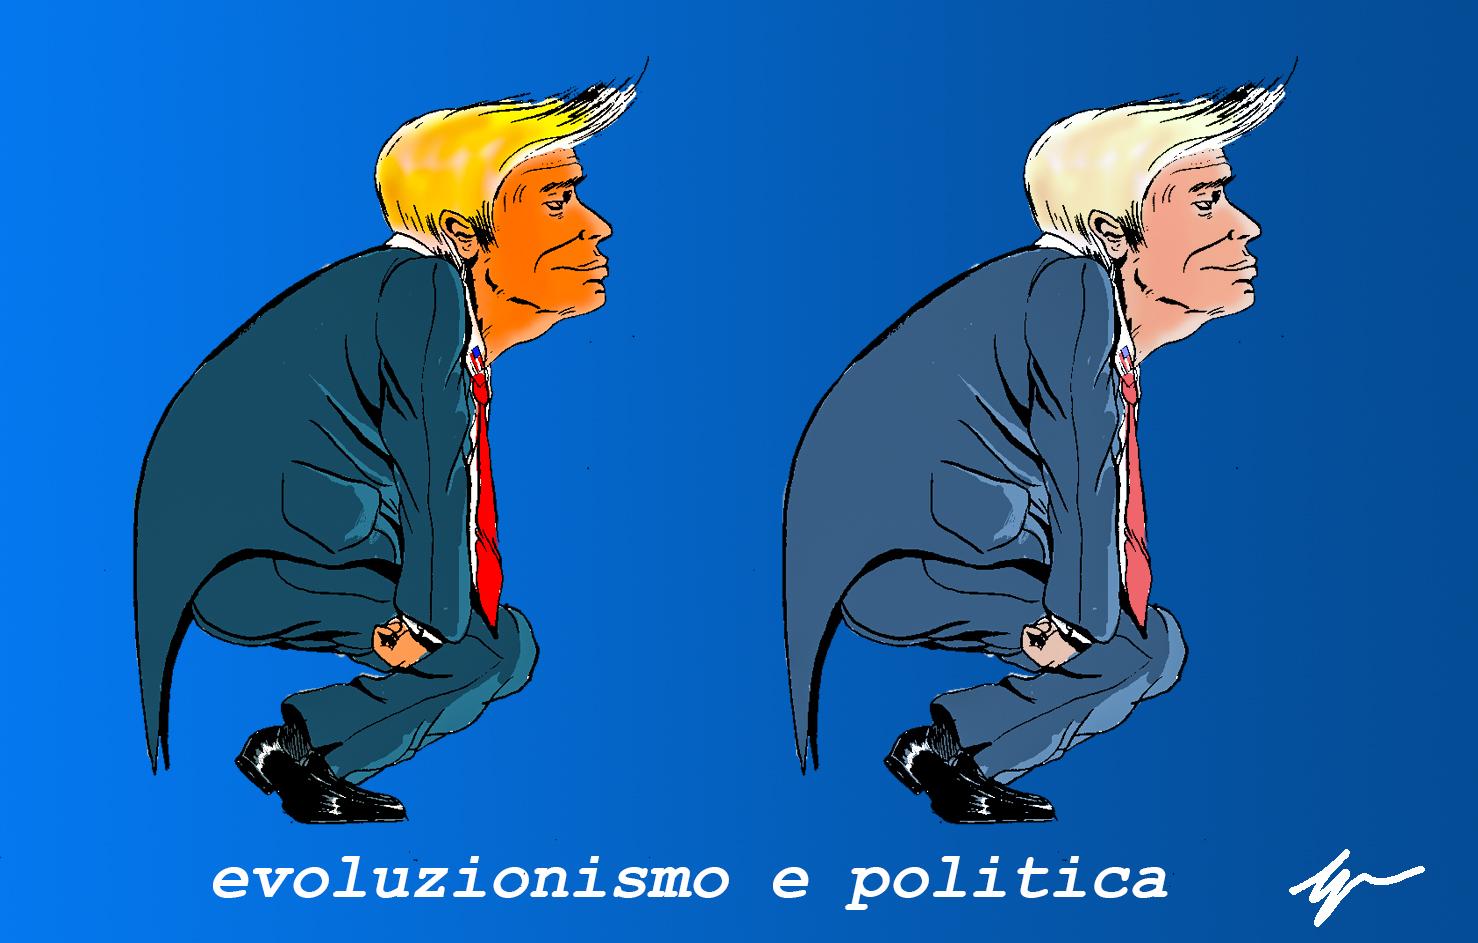 L'immagine è una vignetta satirica che mostra due il presidente USA Donald Trump in posa simile a quella di un cavernicolo di profilo. L'immagine si ripete due volte con la sola differenza della saturazione. lo sfondo è azzurro